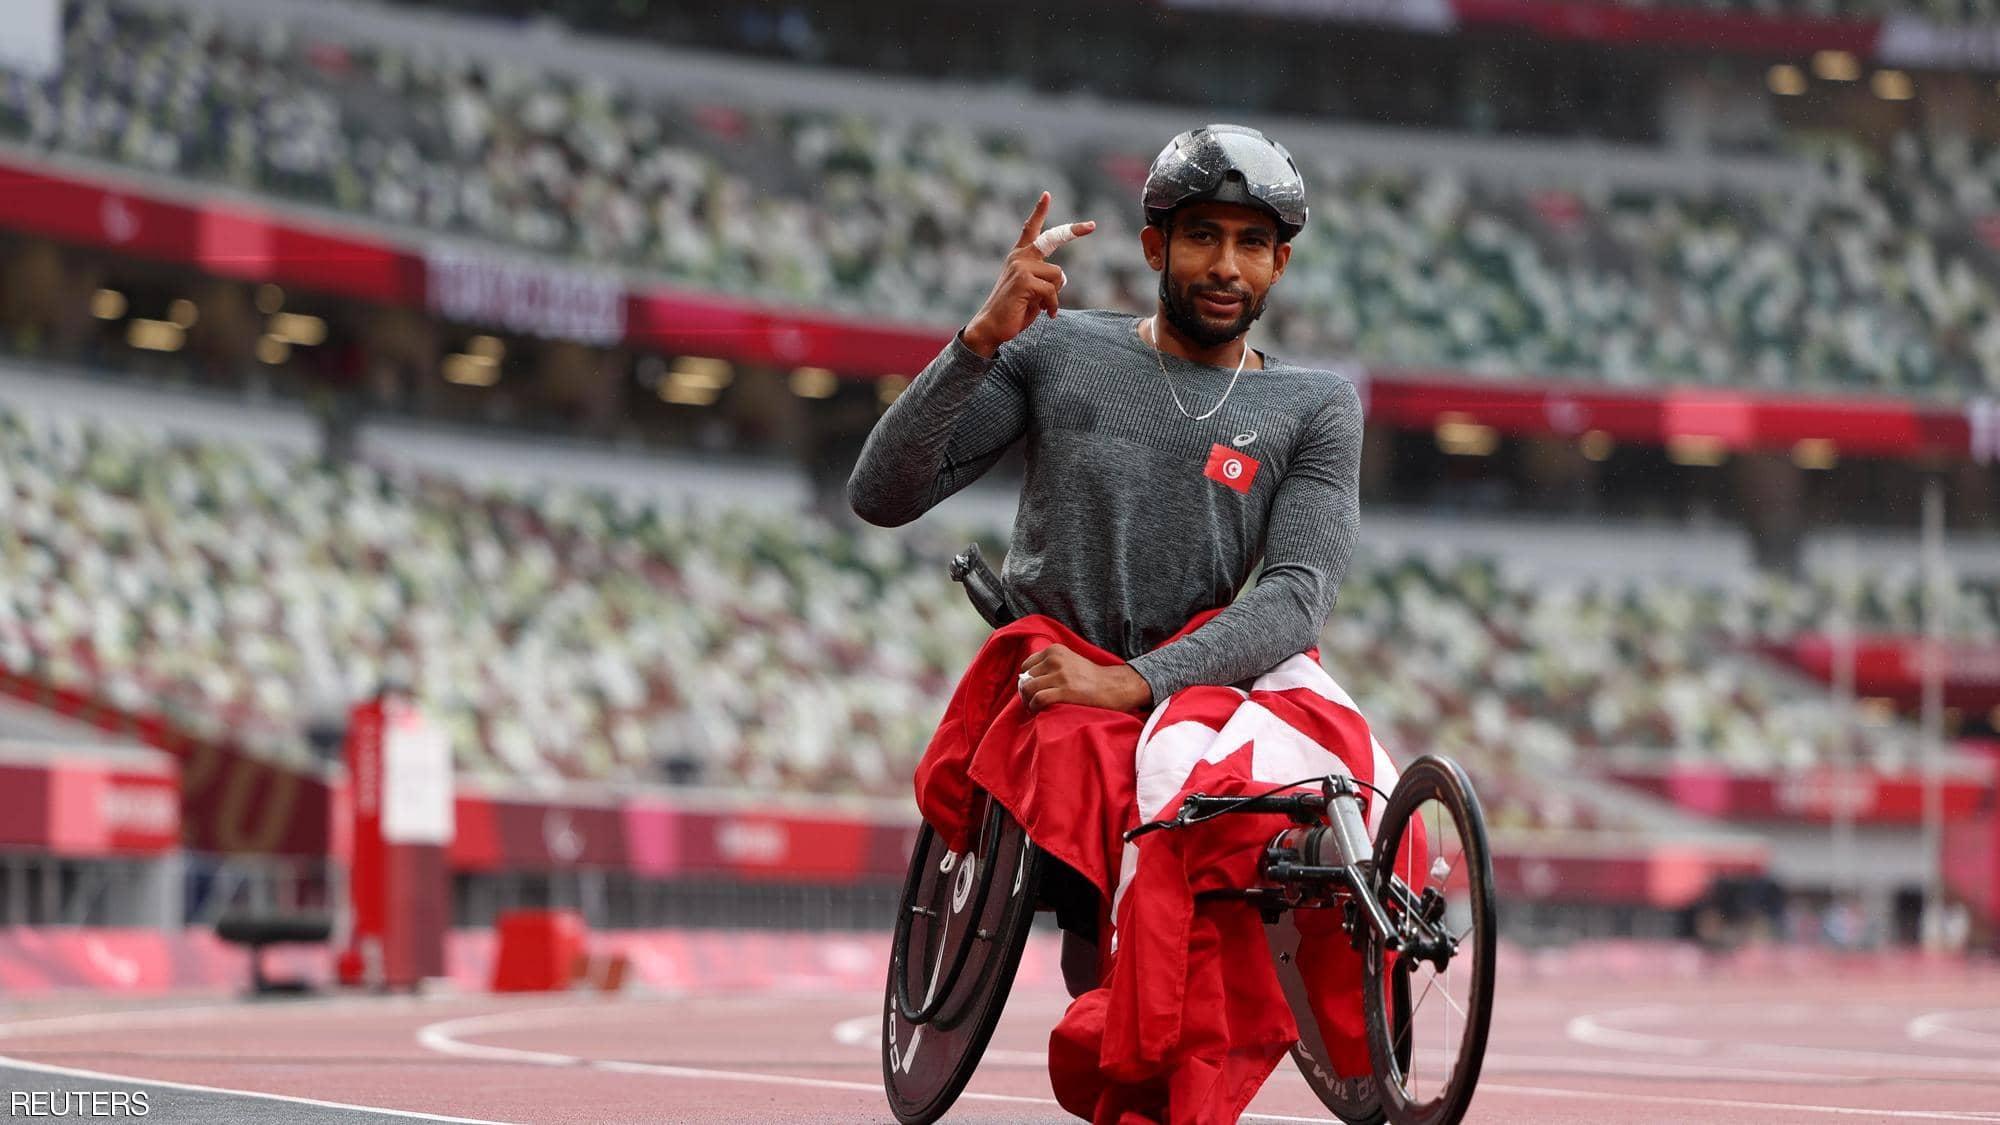 أزمة في مانشستر يونايتد والسبب رونالدو.. العرب يواصلون التألق في بارالمبياد طوكيو ويصلون للميدالية الـ 47